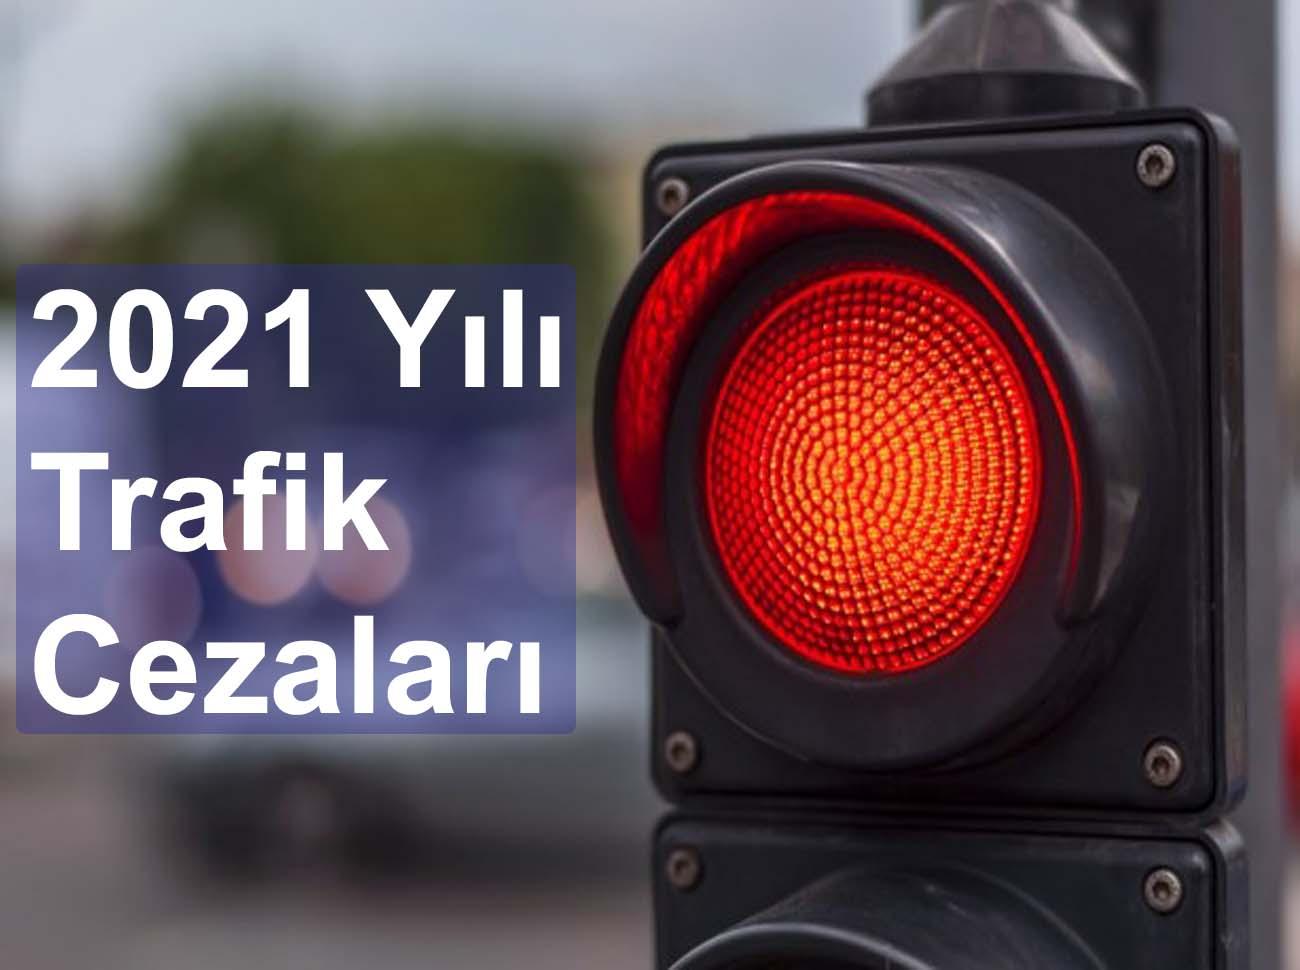 2021 Yılı Trafik Cezası